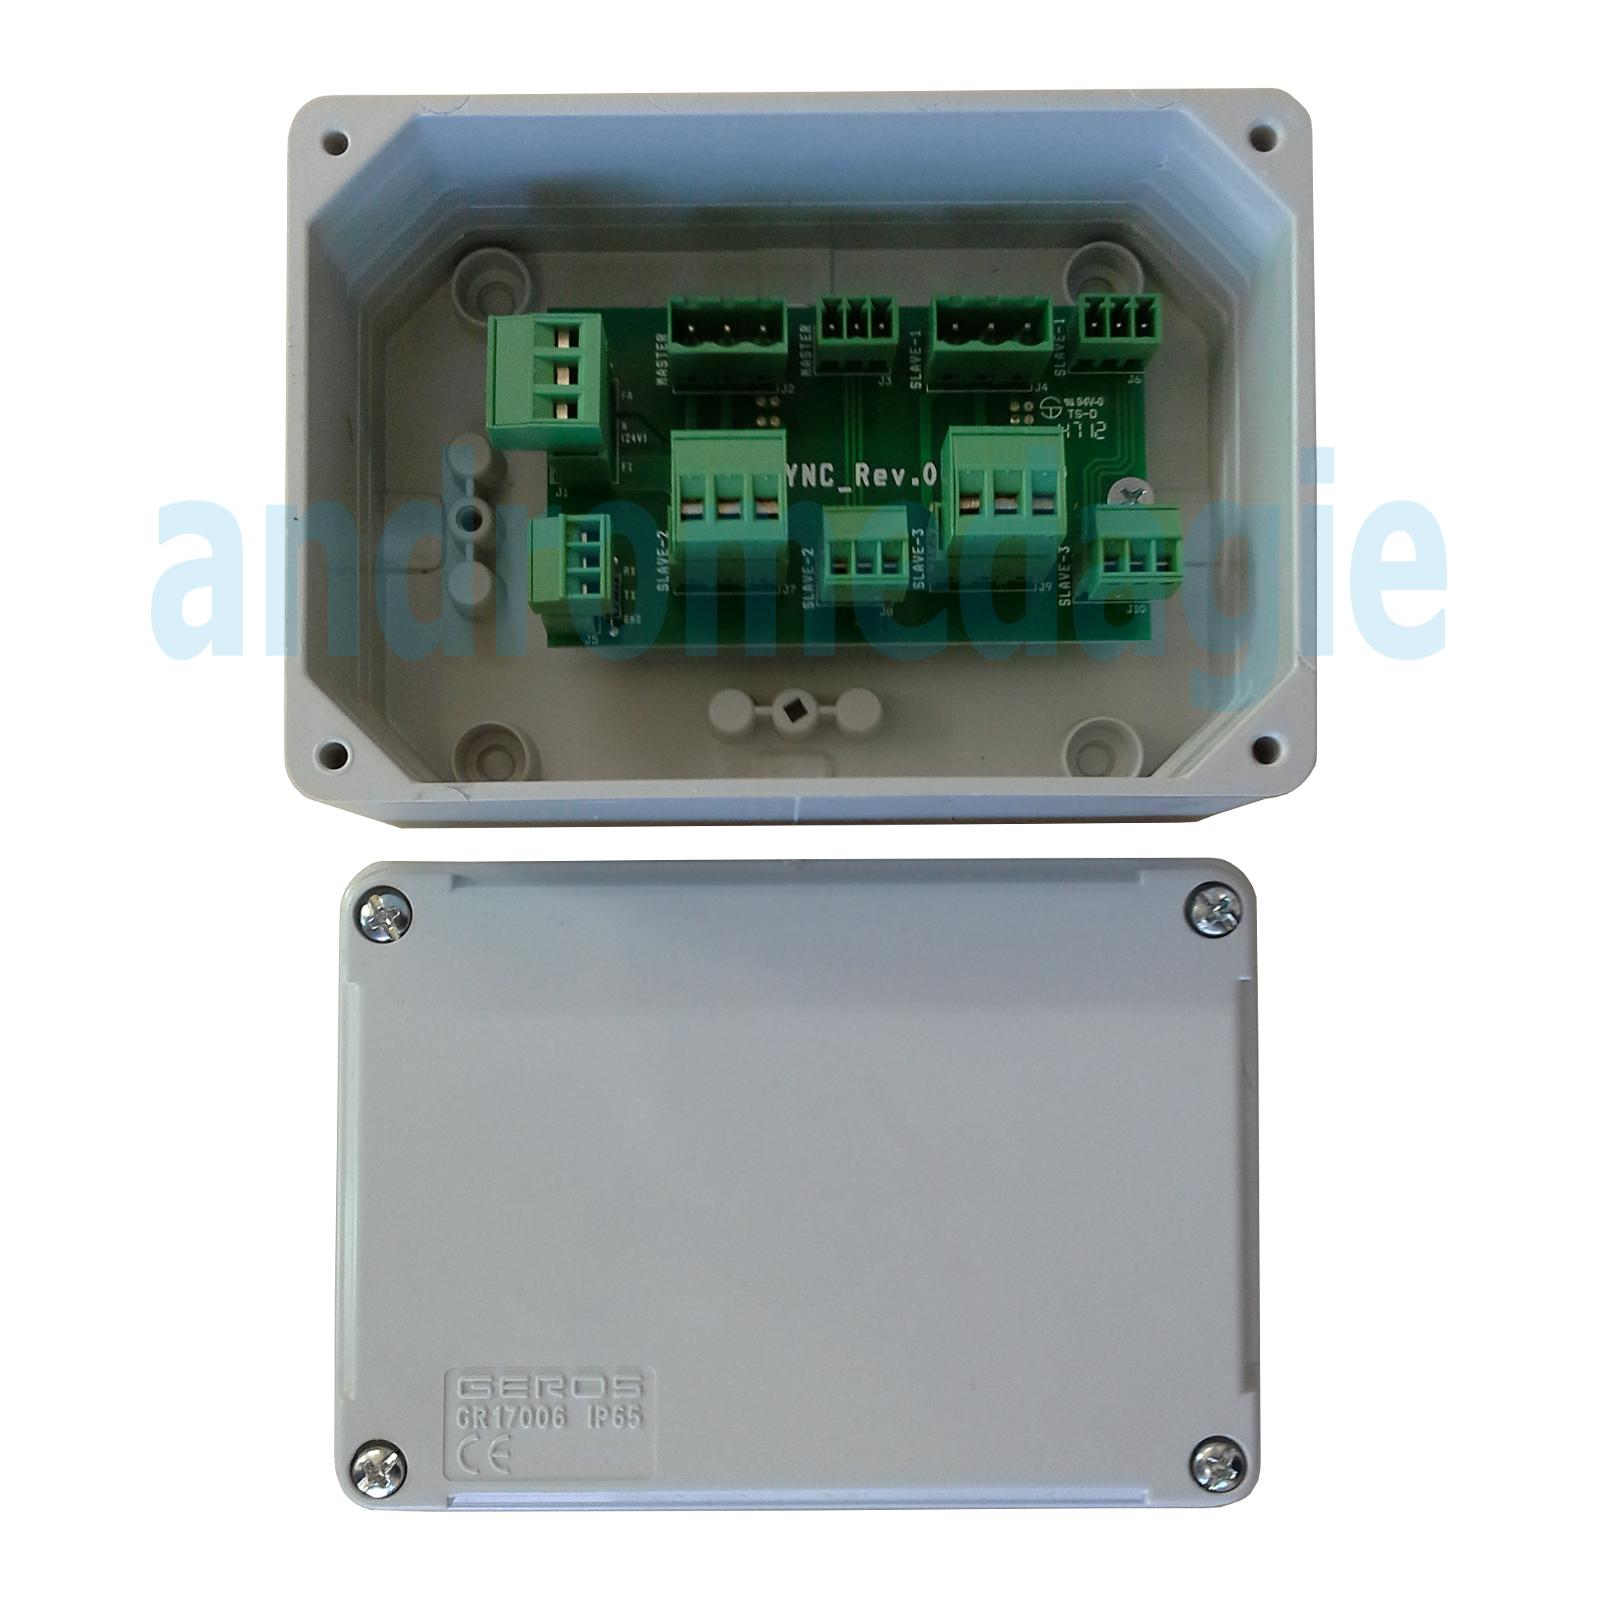 ACTUADOR LIWIN L35 2W-NET RADIO 230V 350N